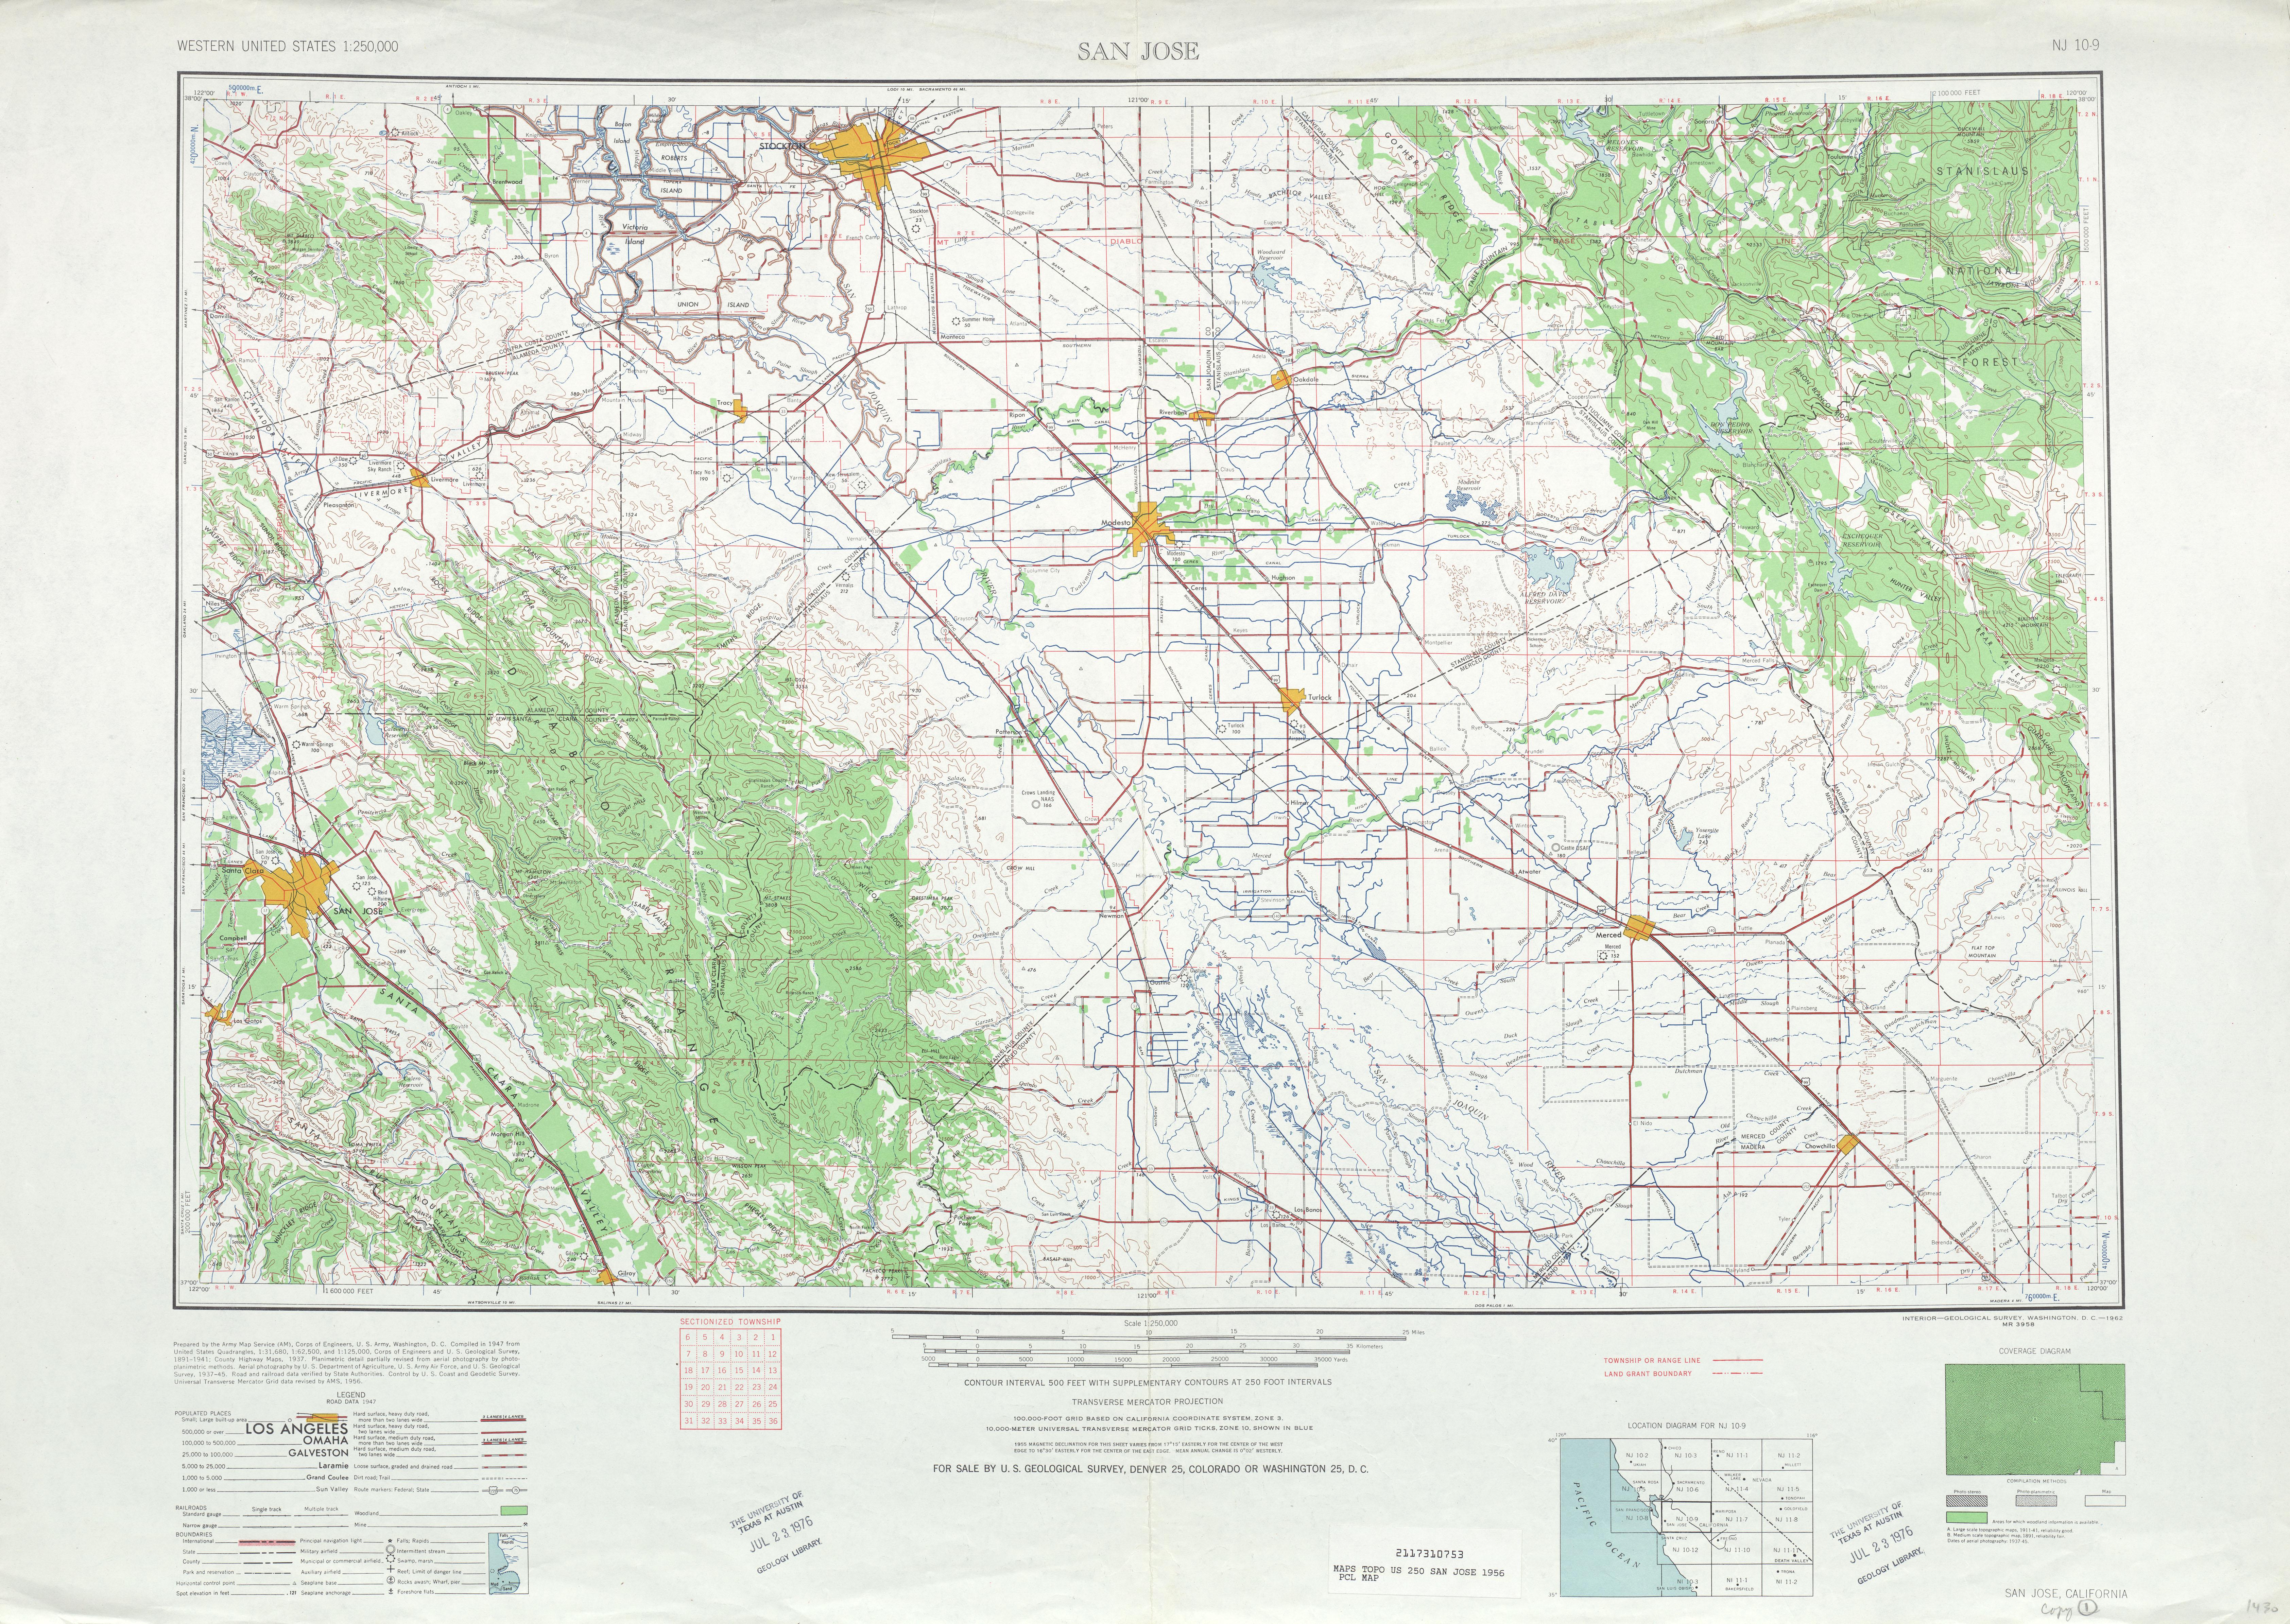 Hoja San José del Mapa Topográfico de los Estados Unidos 1956